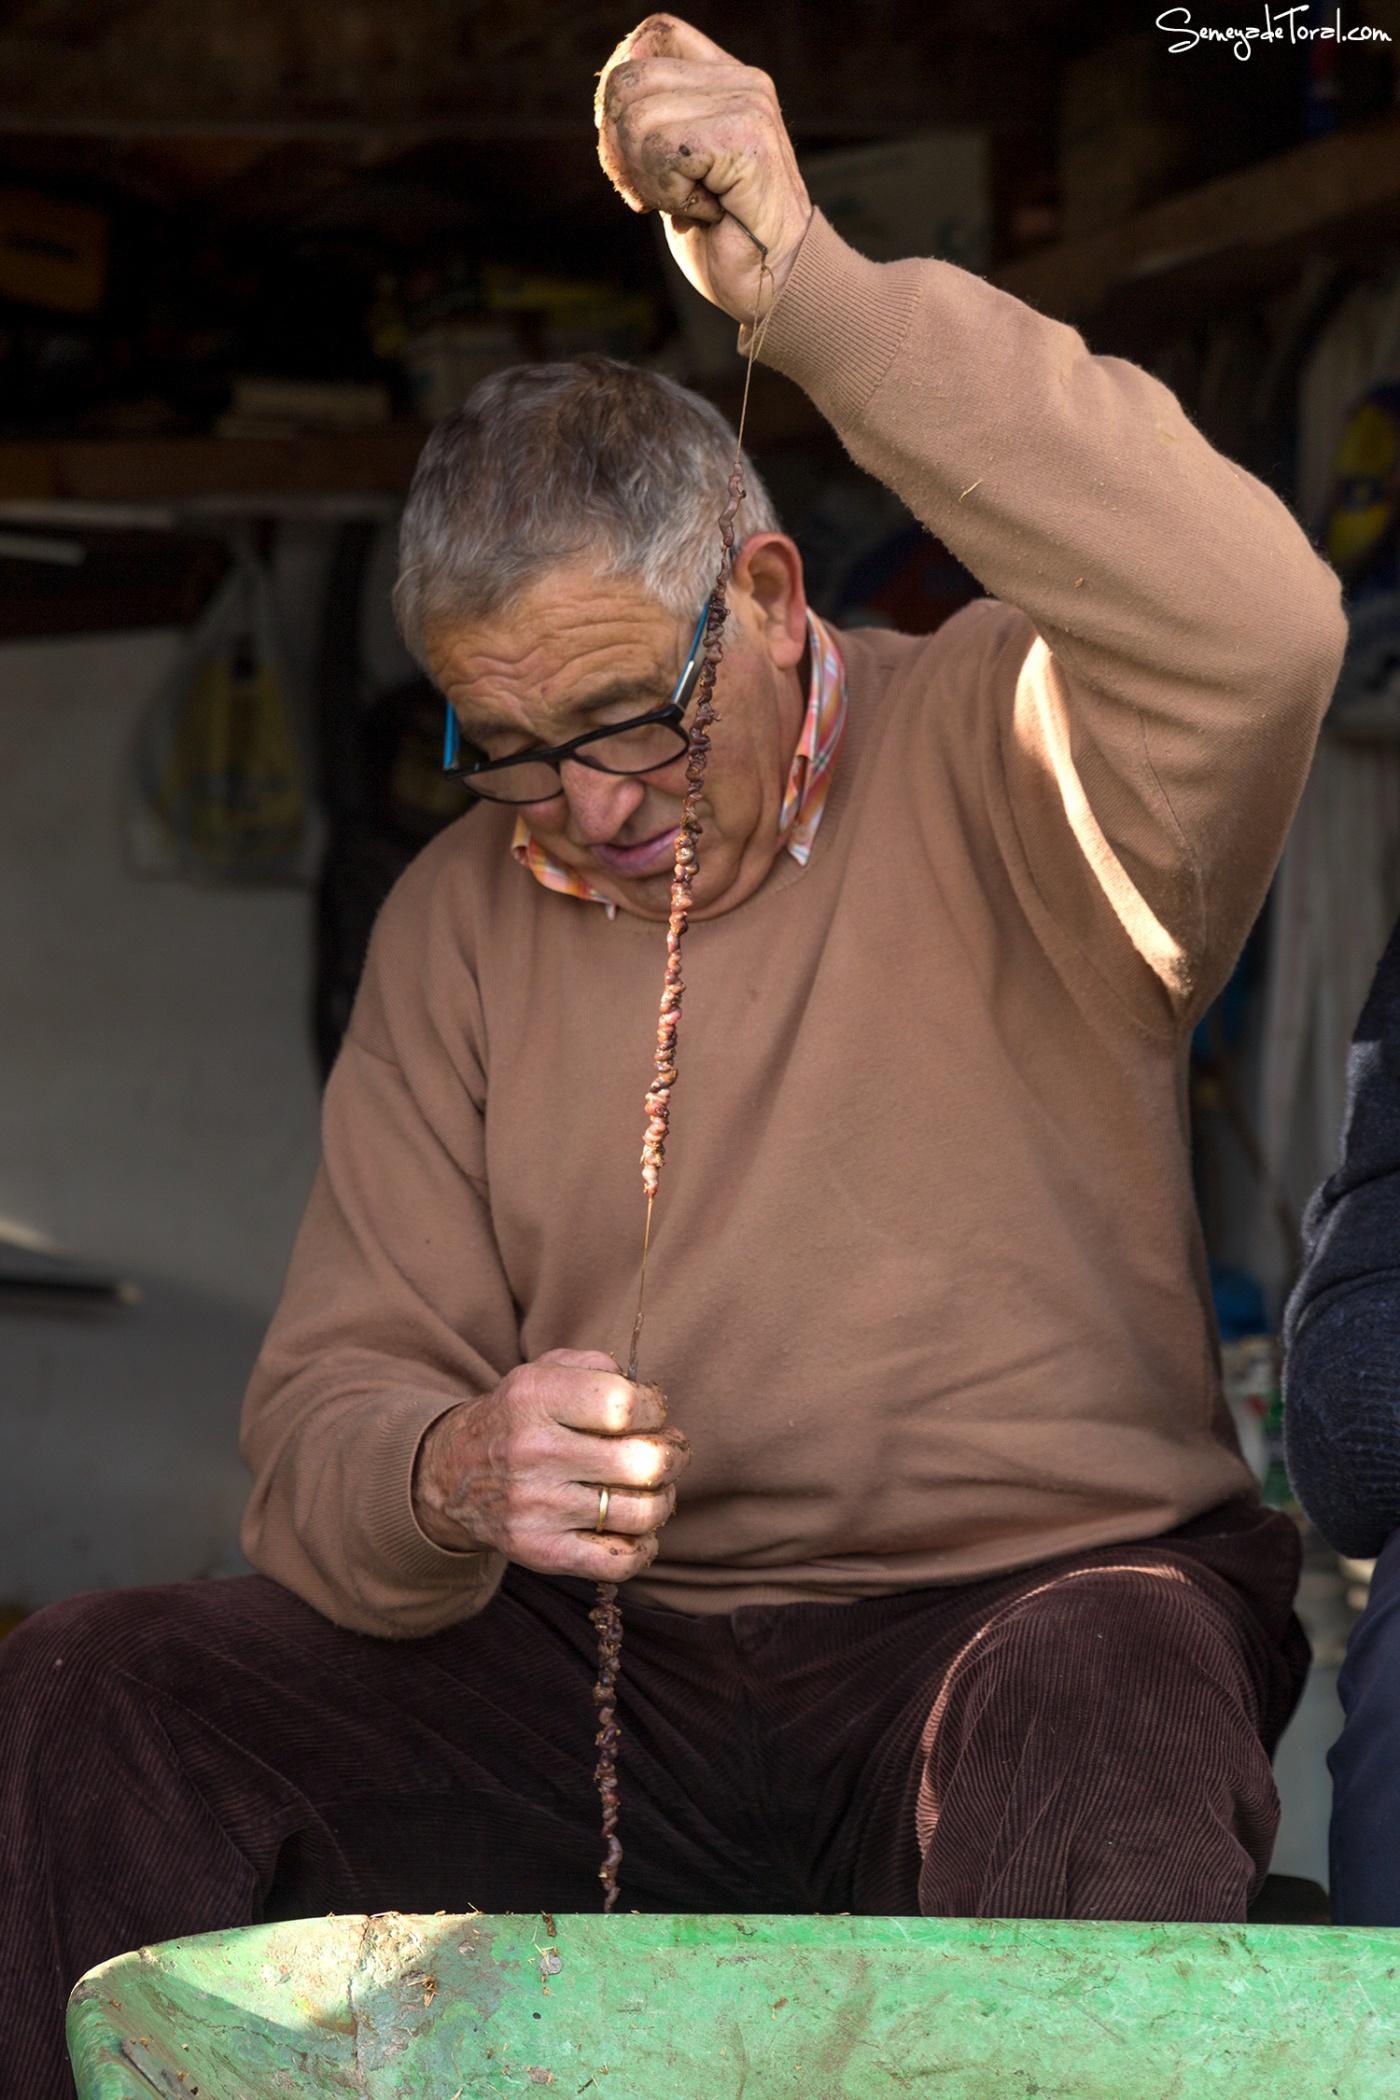 Va cogiendo forma la merucada - Pesca tradicional de Barbaes - Semeya  de Toral